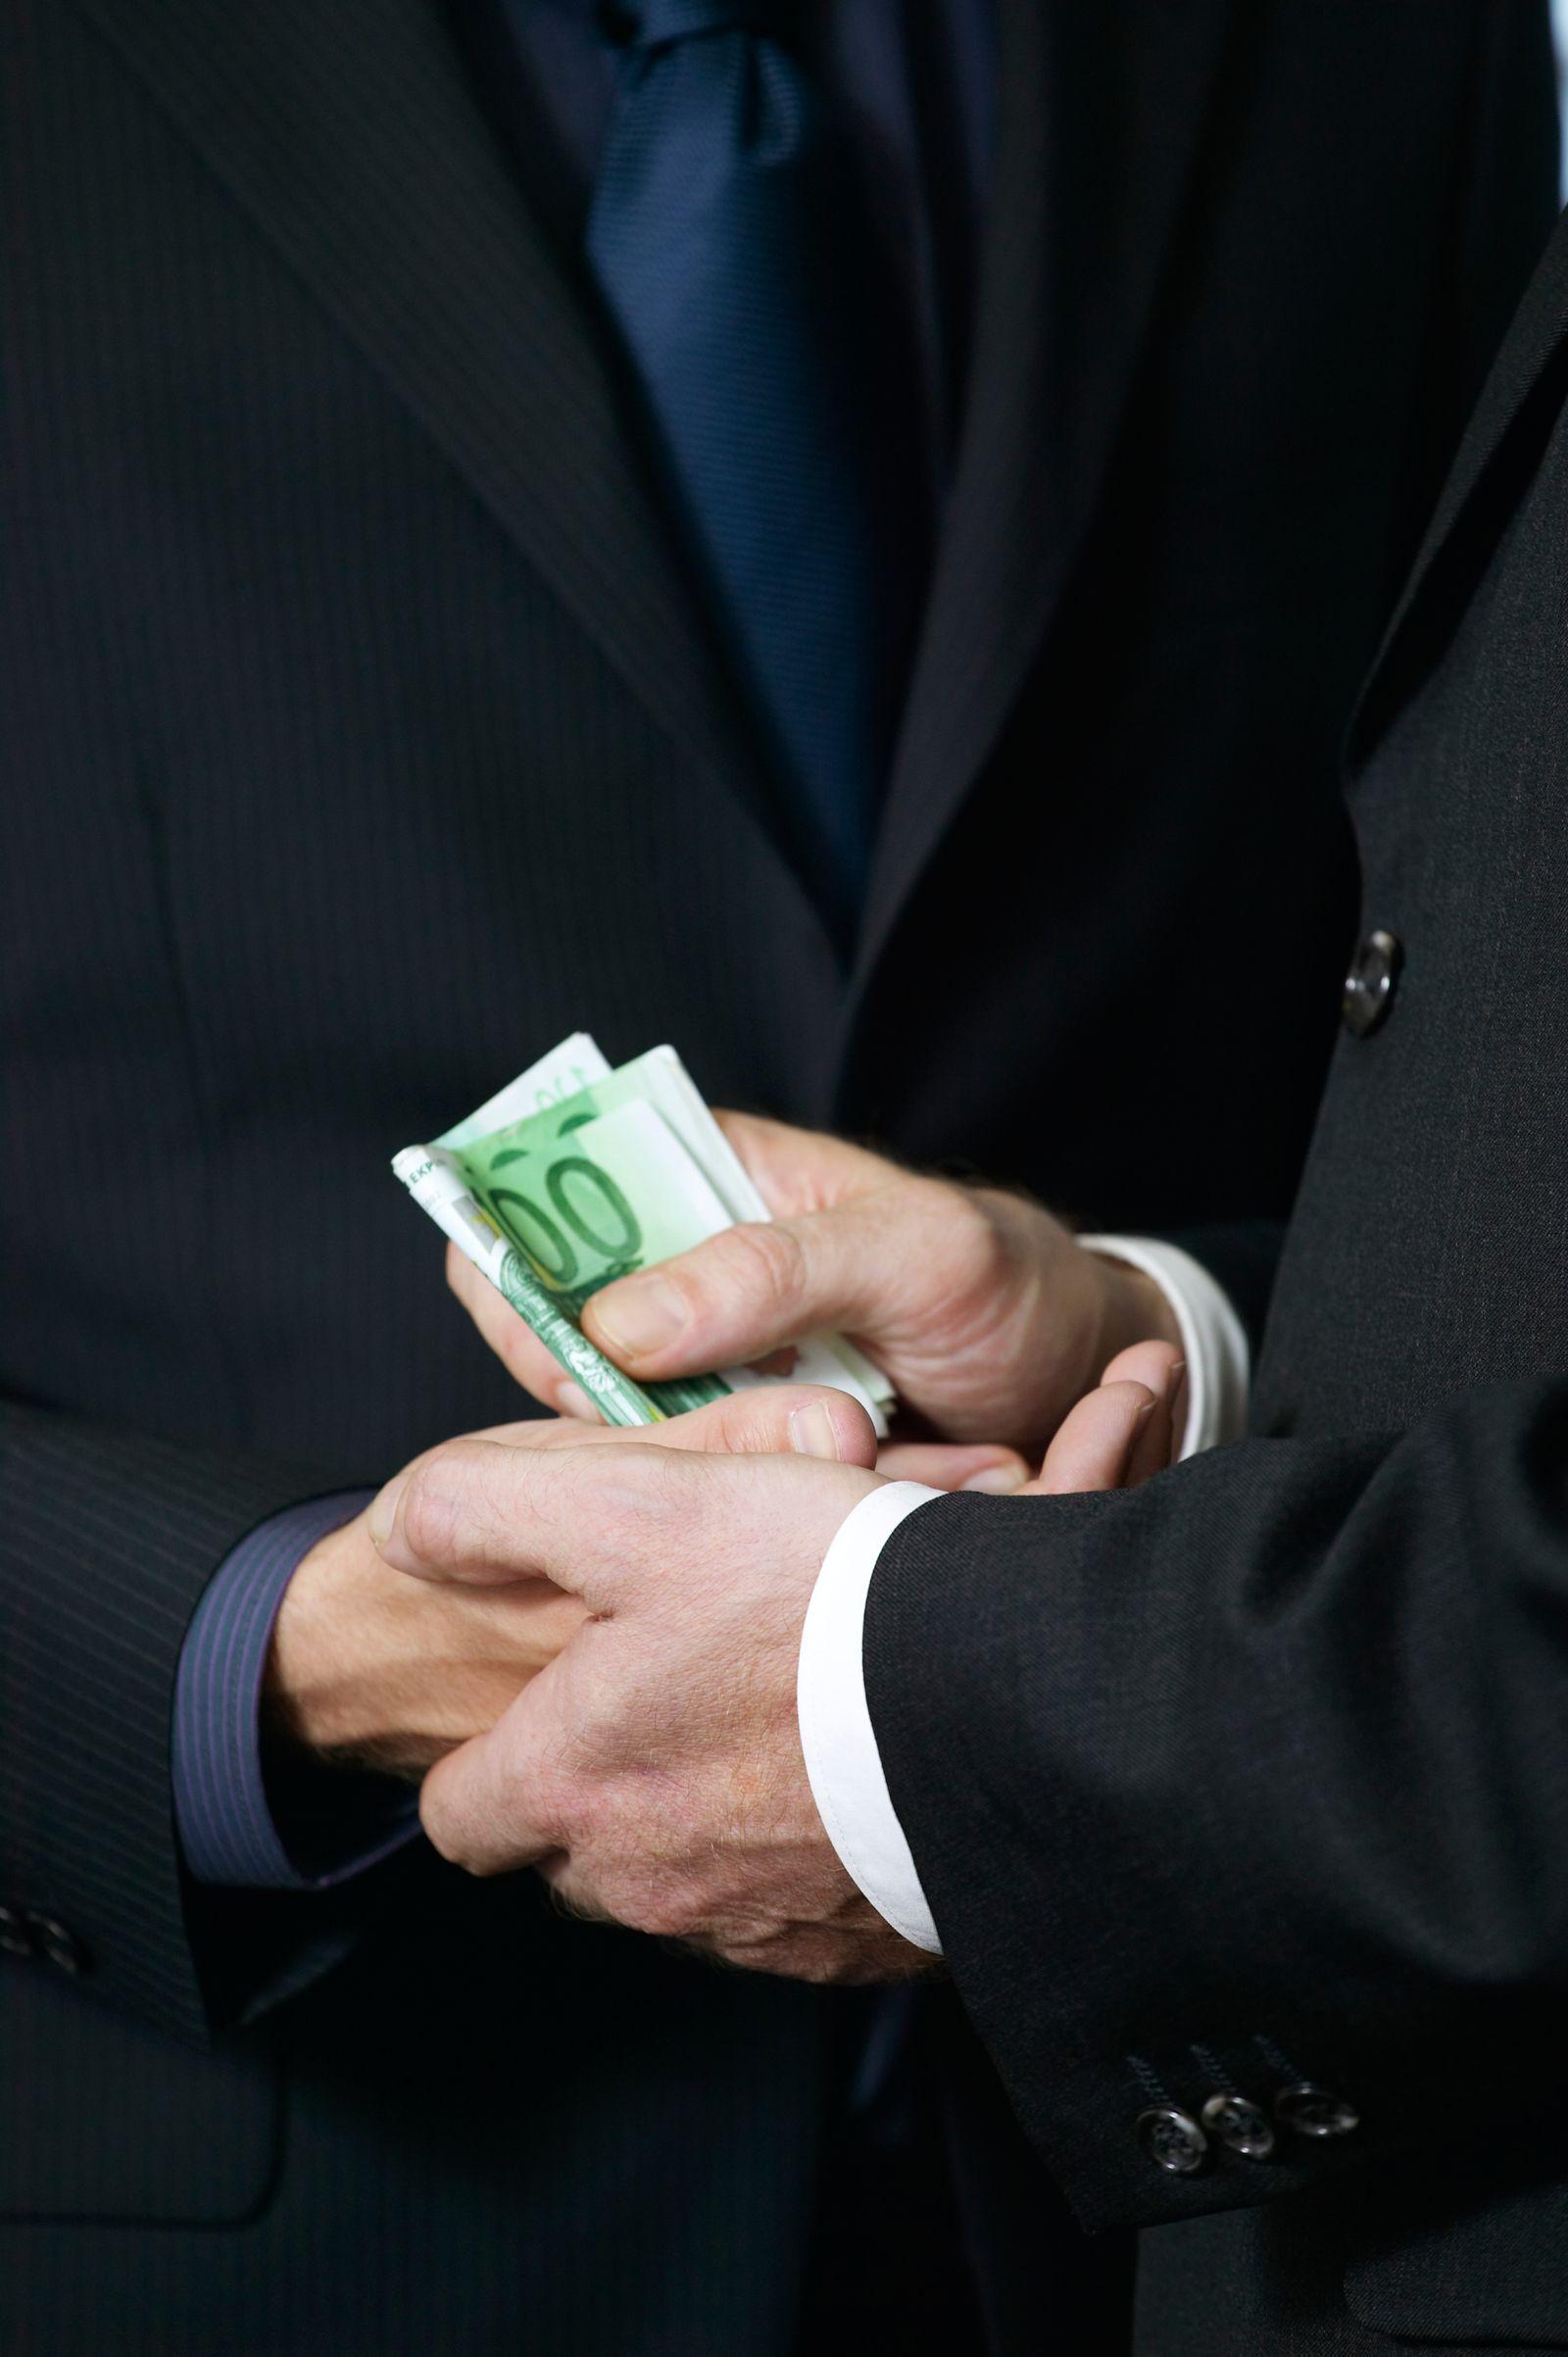 NICHT MEHR VERWENDEN! - Korruption Symbolbild